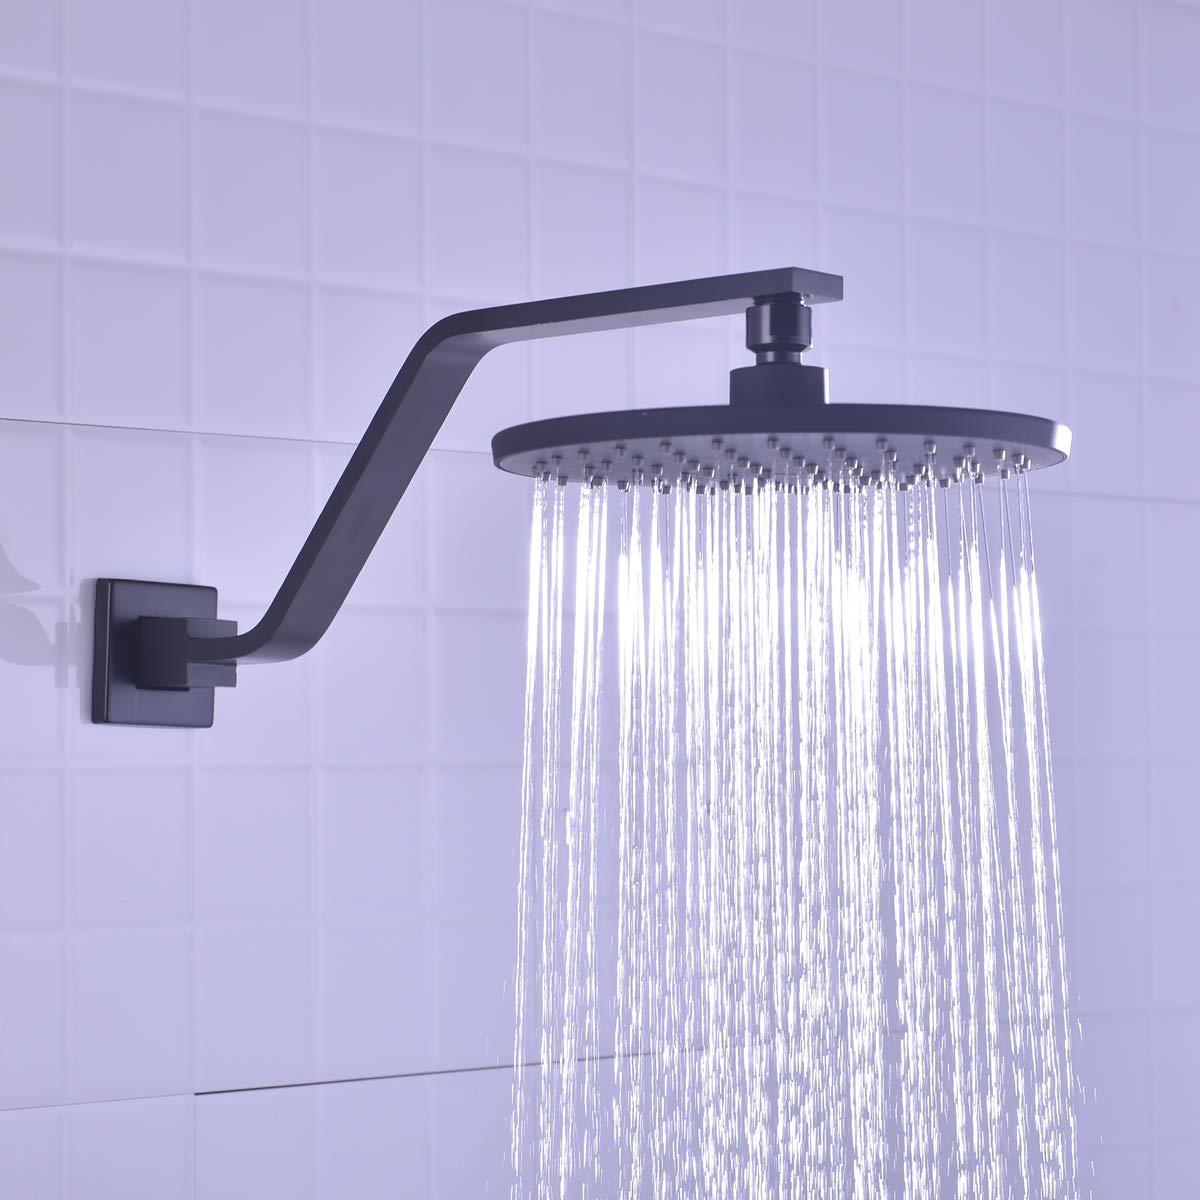 12 Inch Shower Arm And Flange Aqua Elegante Chrome